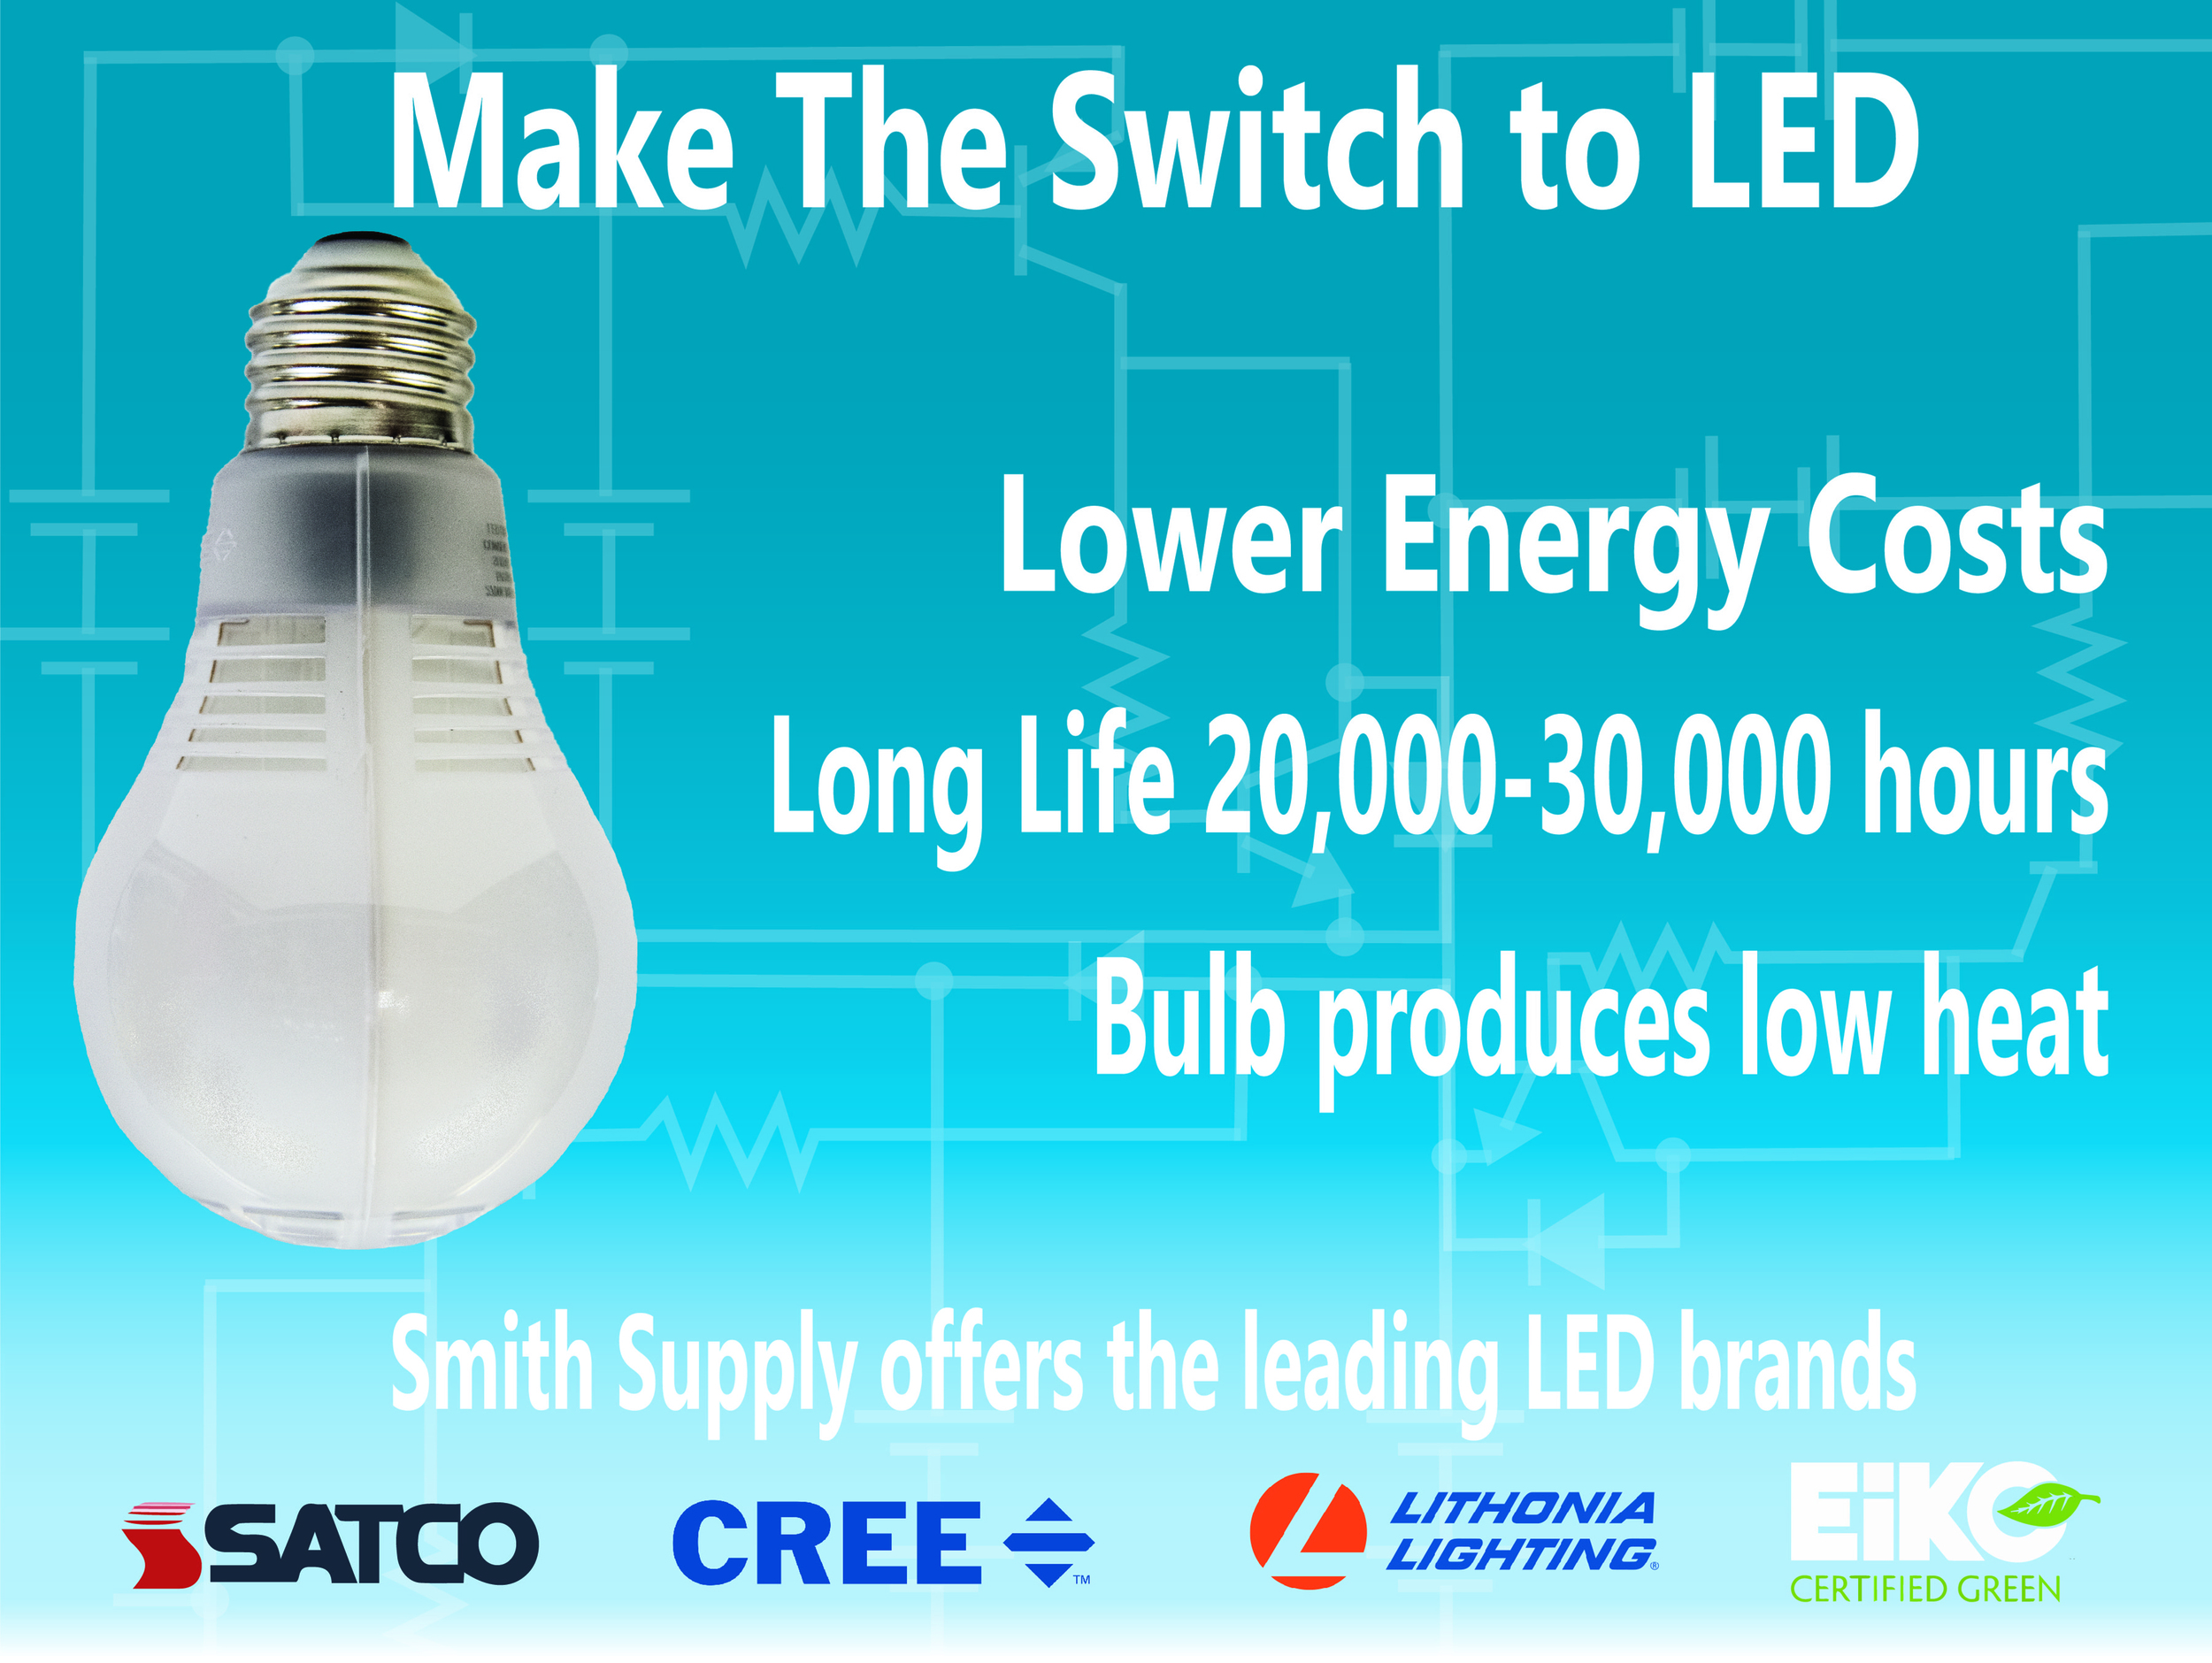 led_lightbulb_web.jpg